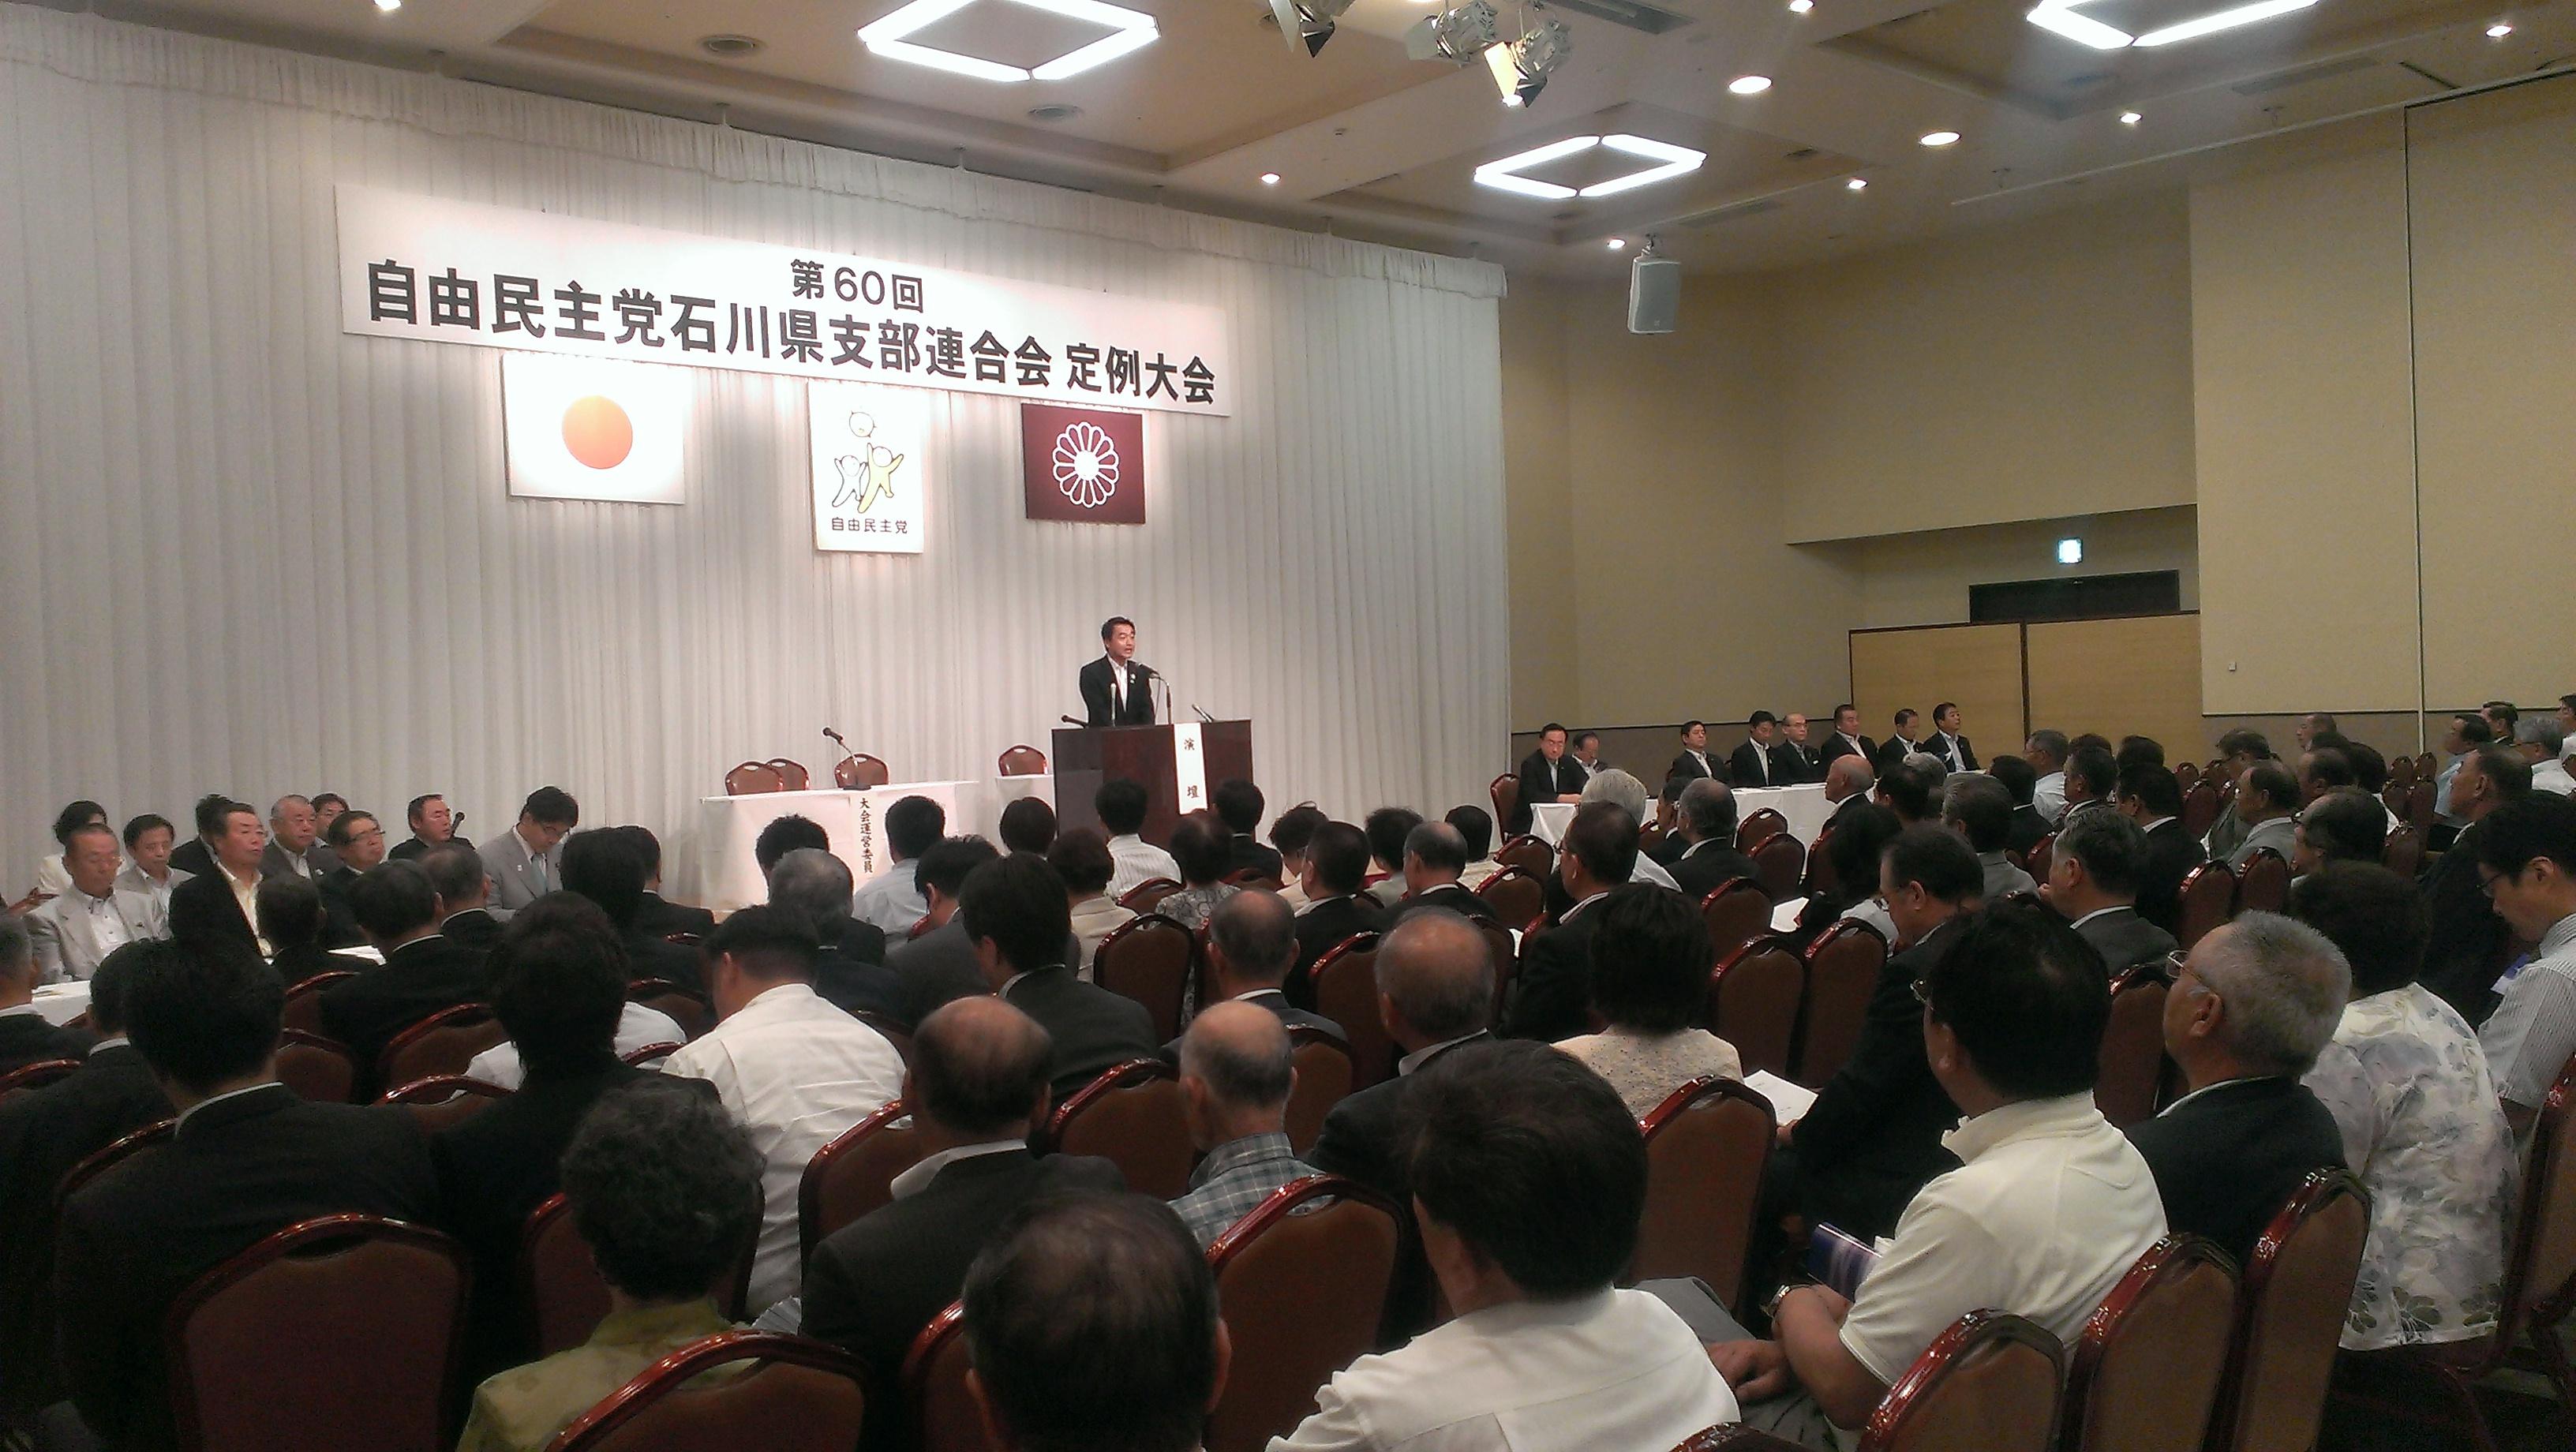 H25.8.10自由民主党石川県支部連合会定例大会